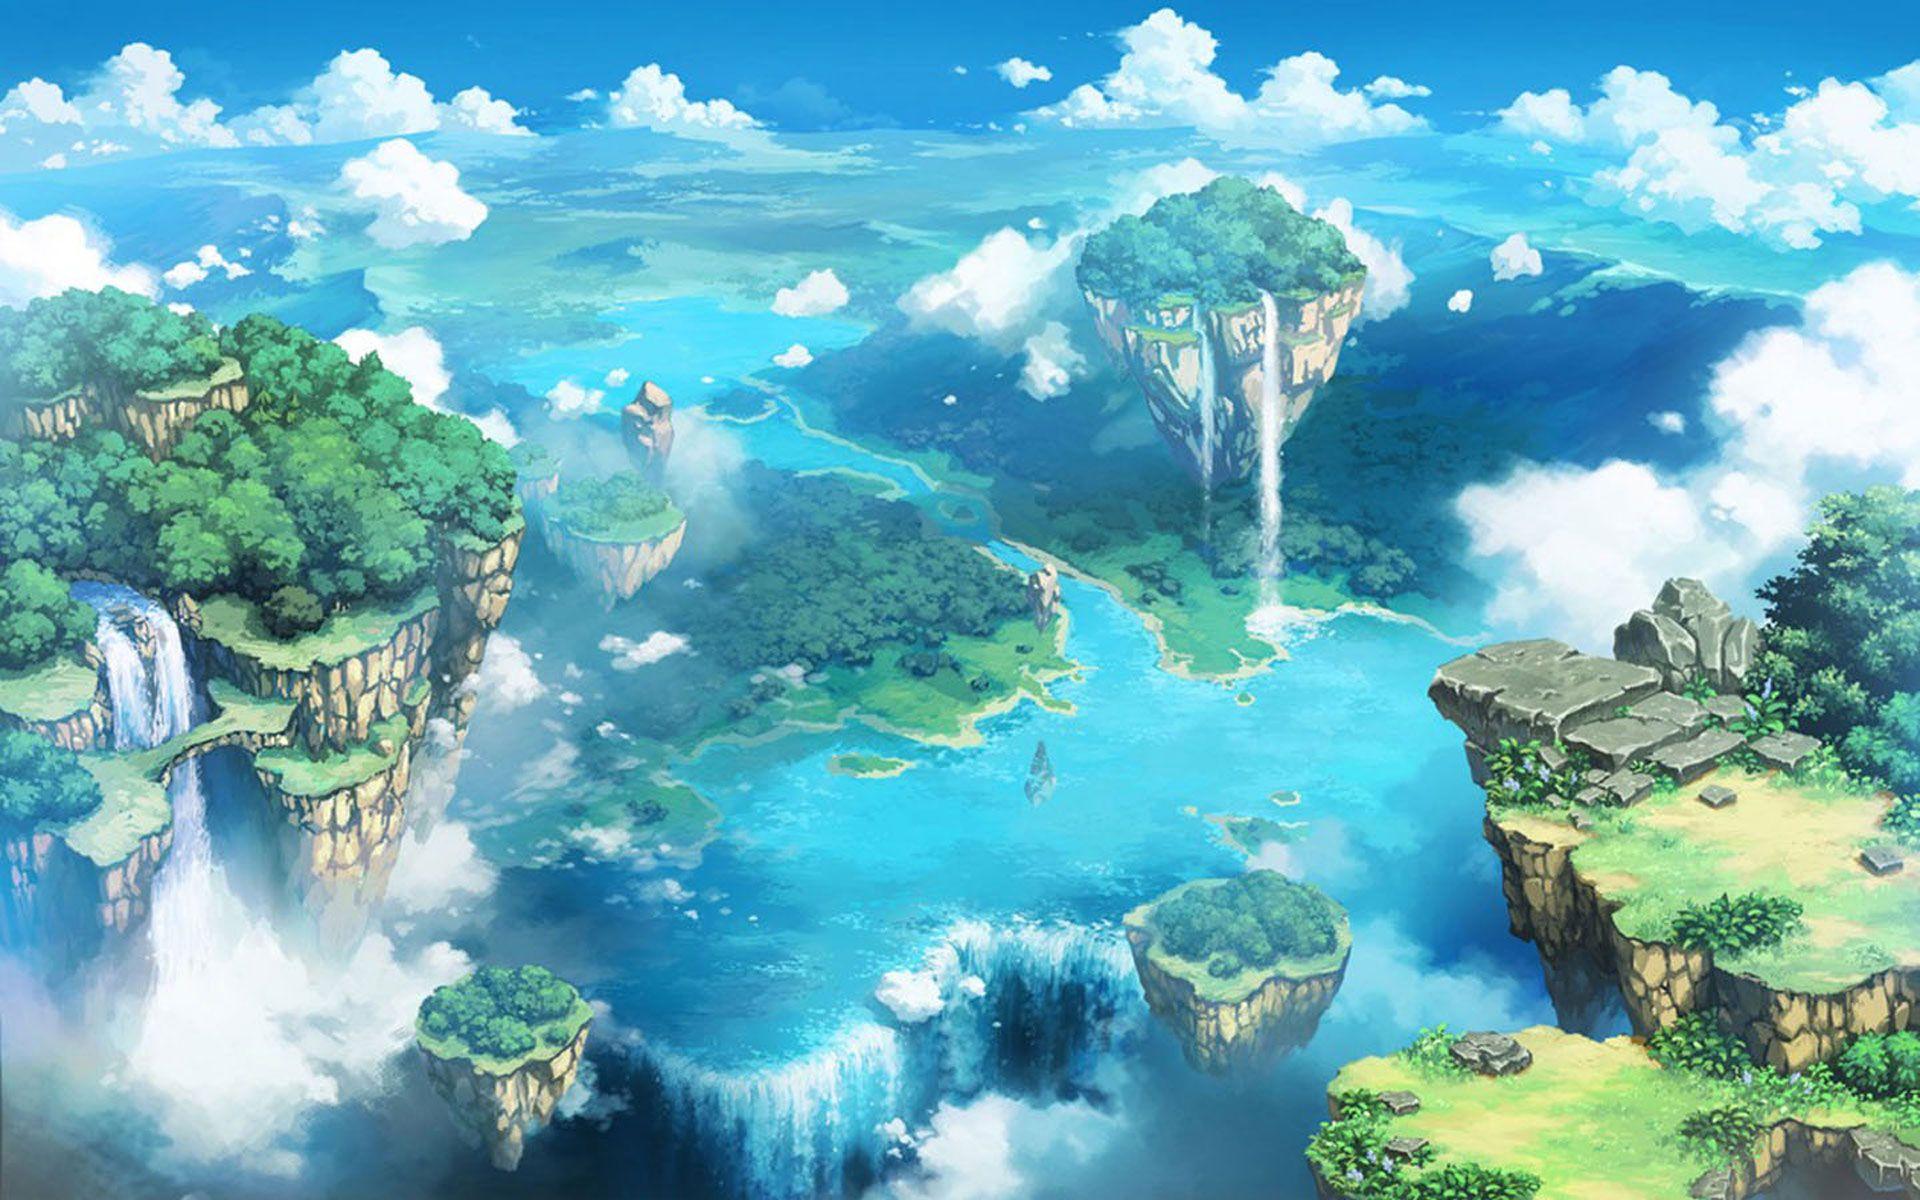 sky anime Tìm với Google Phong cảnh, Kỳ ảo, Hình ảnh